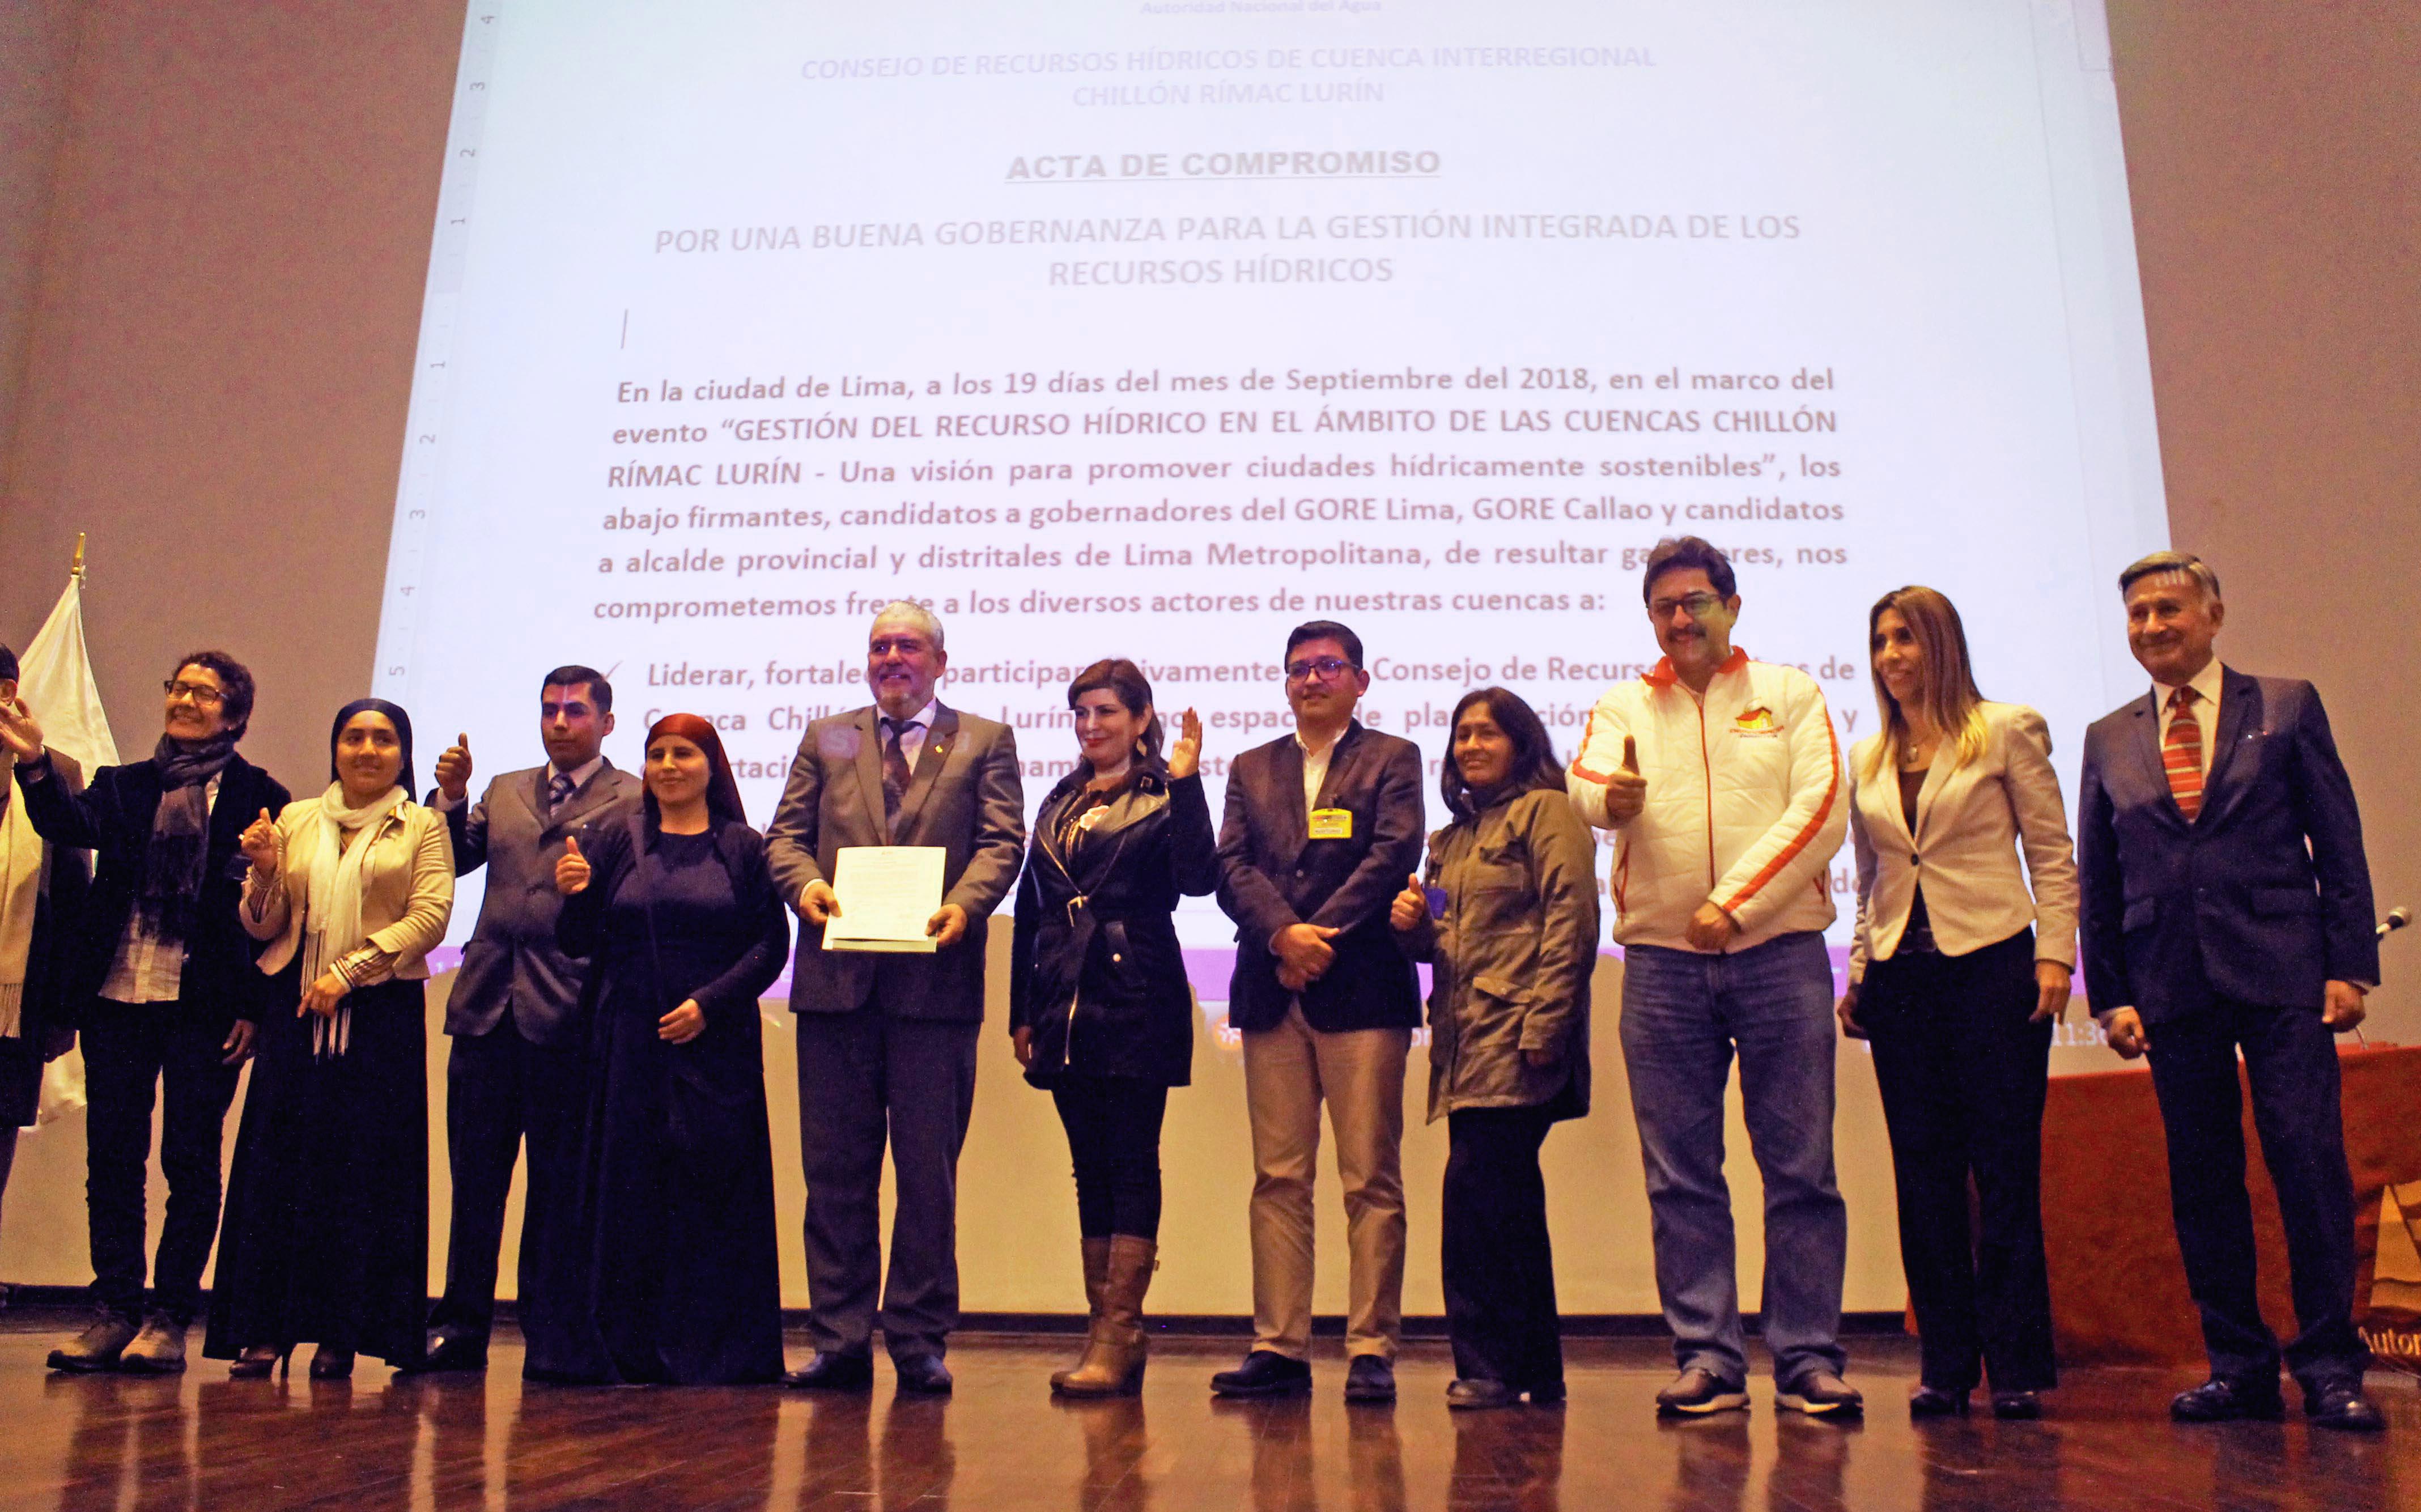 Candidatos y candidatas regionales y municipales de Lima Metropolitana se comprometen a trabajar por ciudades hídricamente sostenibles